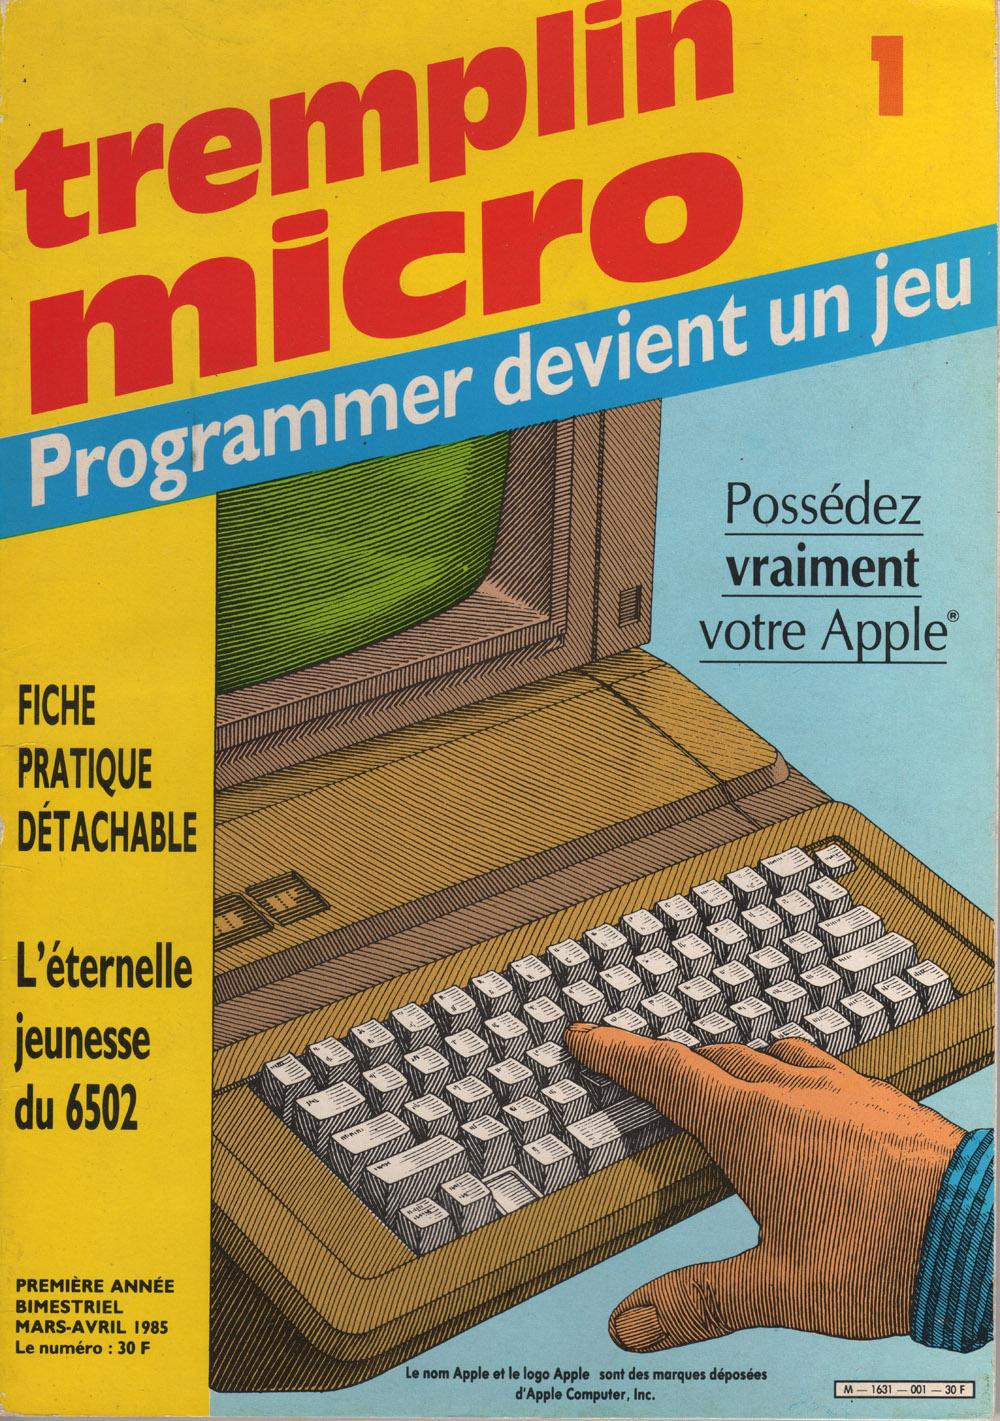 Tremplin Micro, Mar 1985